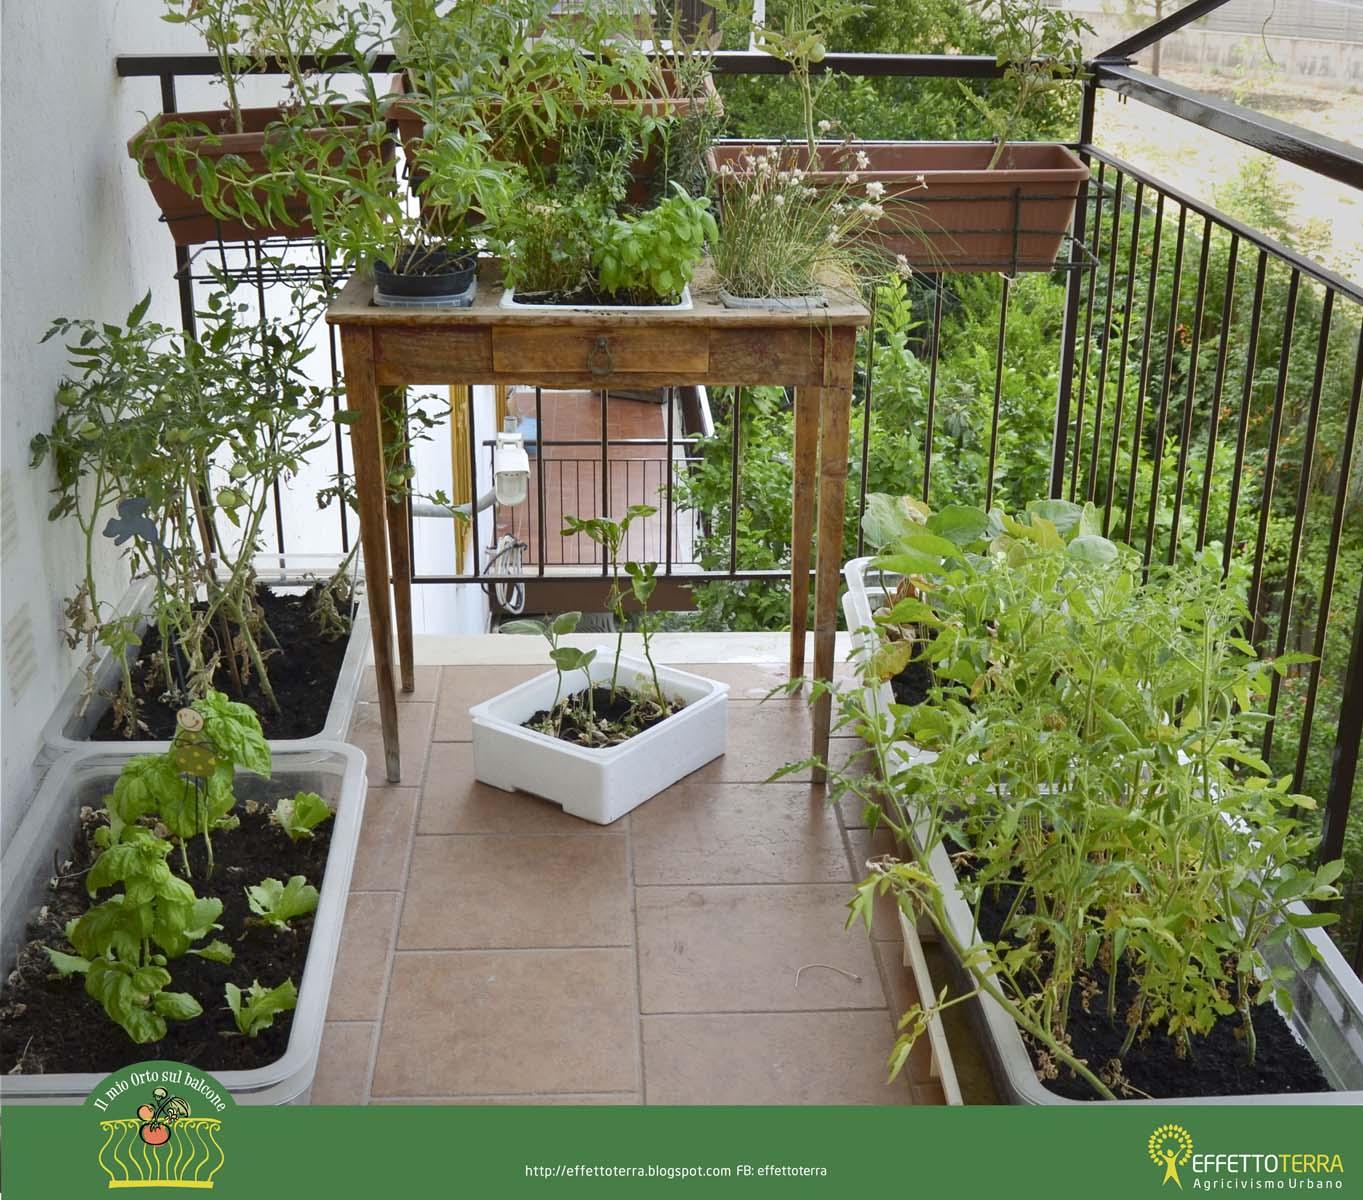 Bien-aimé Effetto Terra: Il mio orto sul balcone YQ91